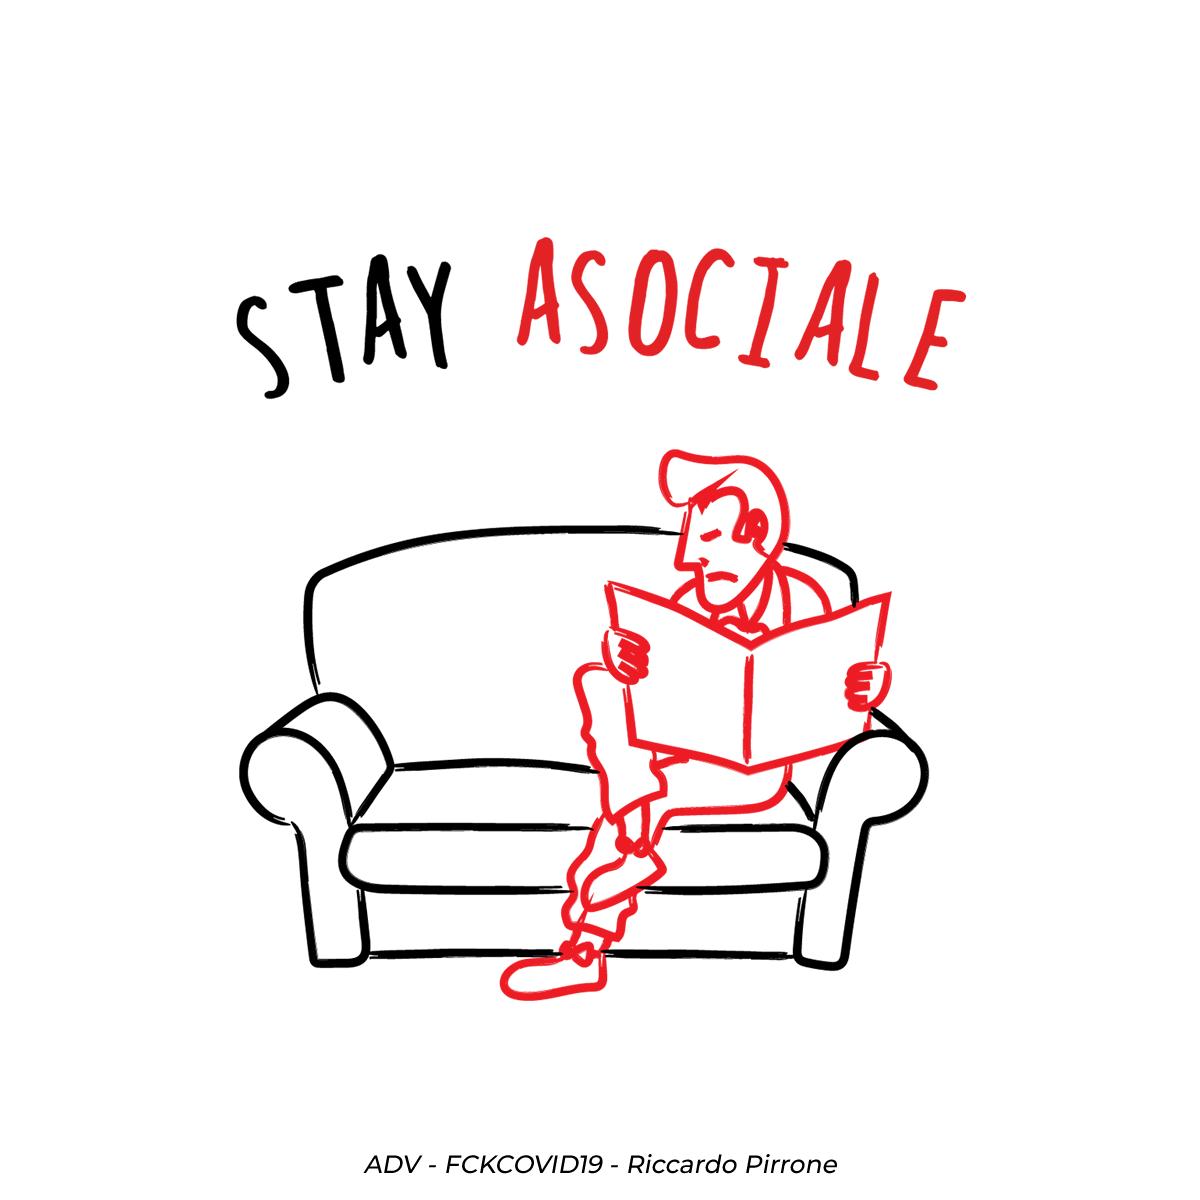 stay asociale